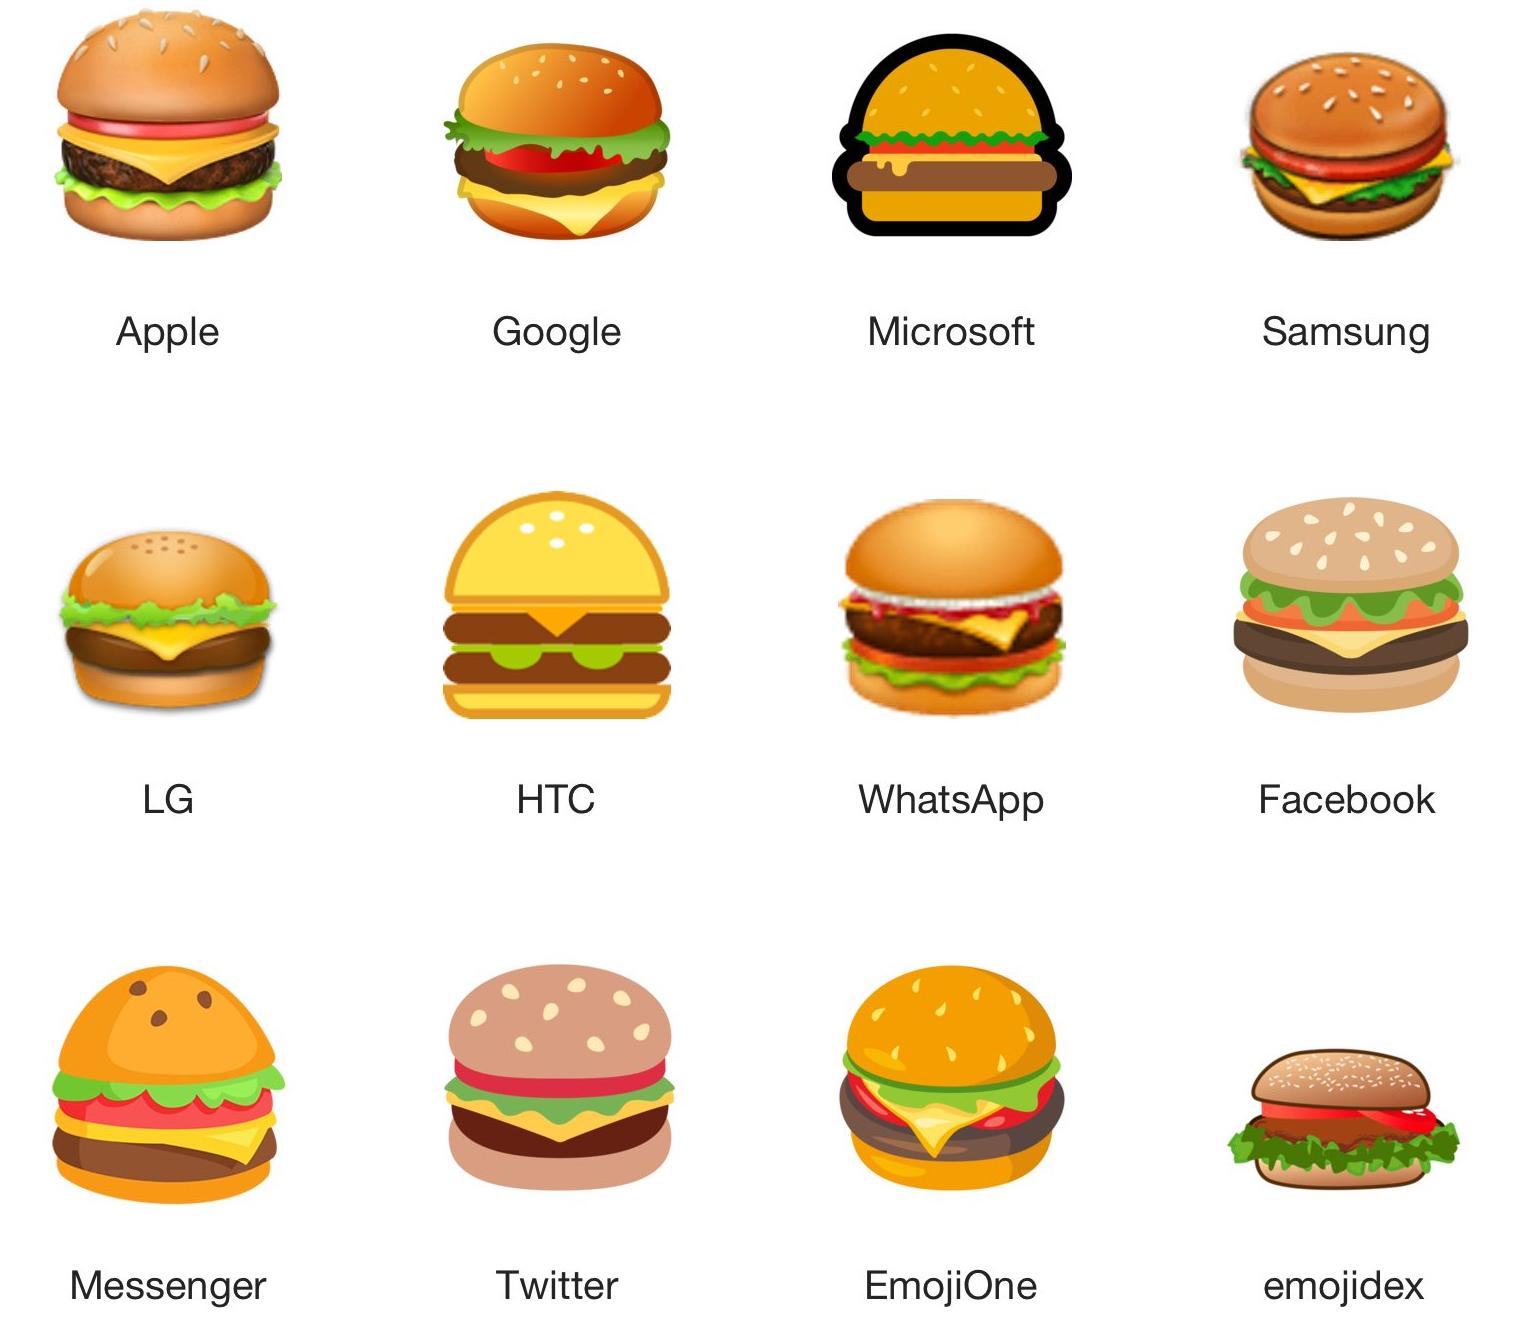 گوگل اموجی برگر خود را در اندروید 8.1 اصلاح کرد